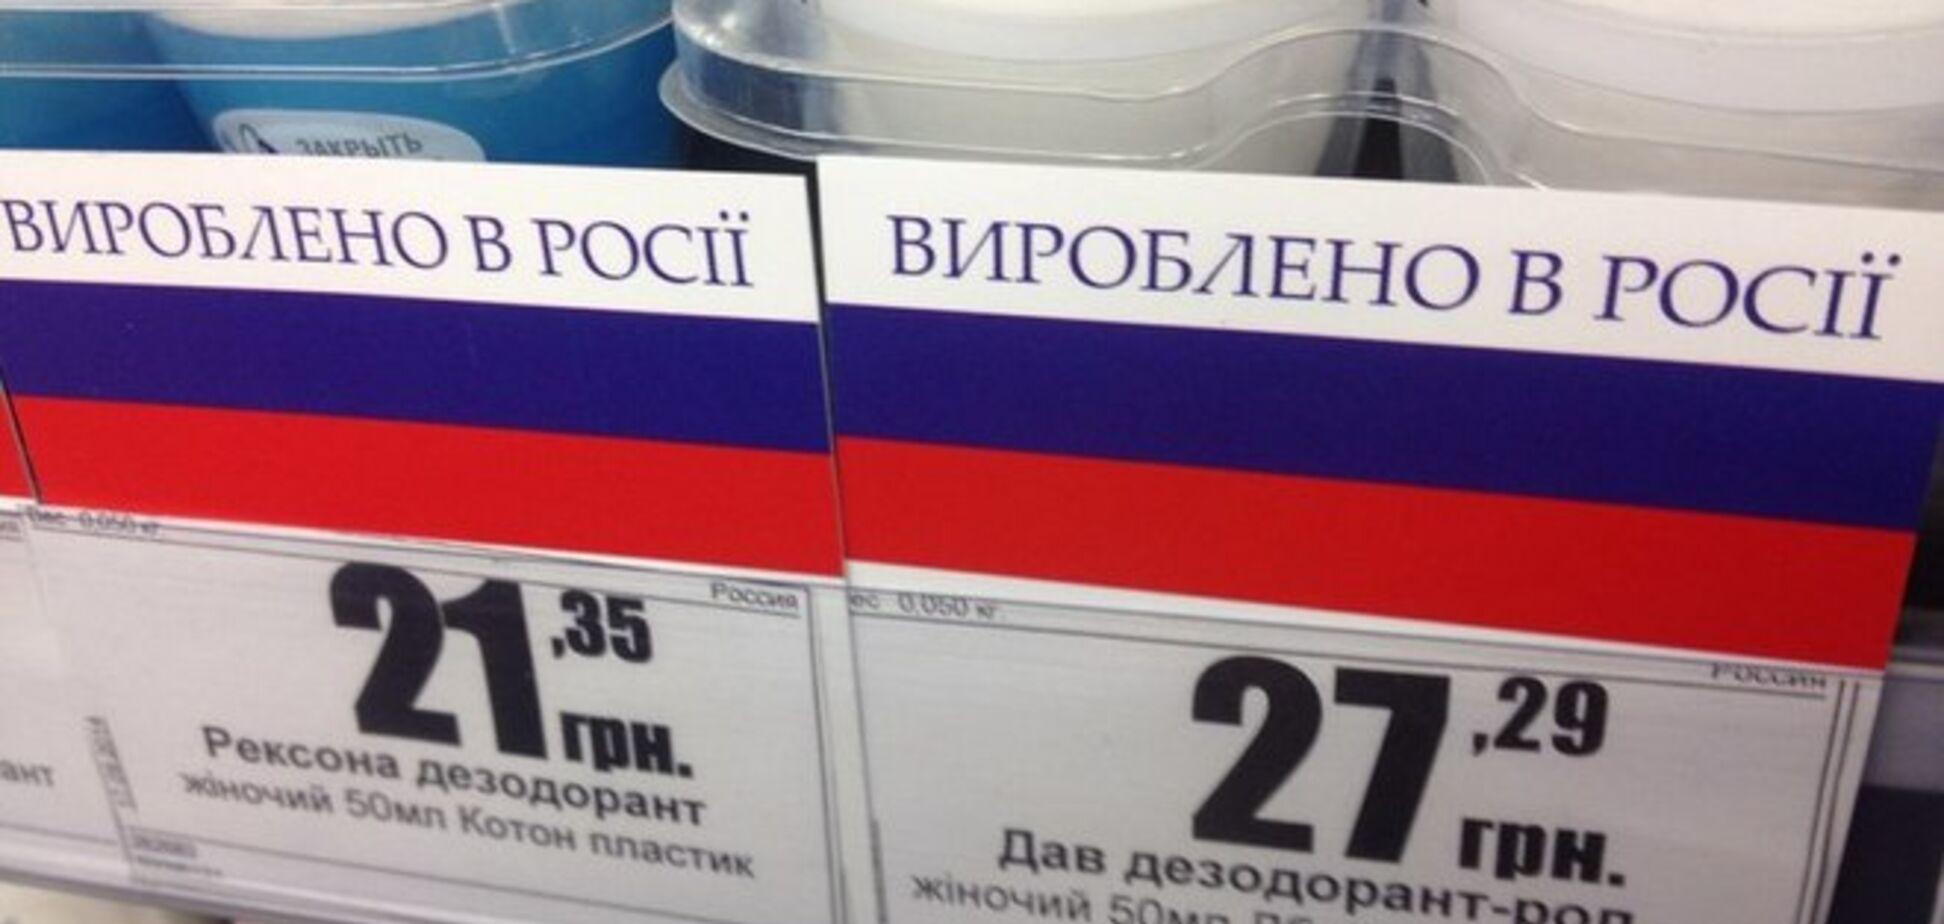 В Киеве не все супермаркеты указали 'Сделано в России'